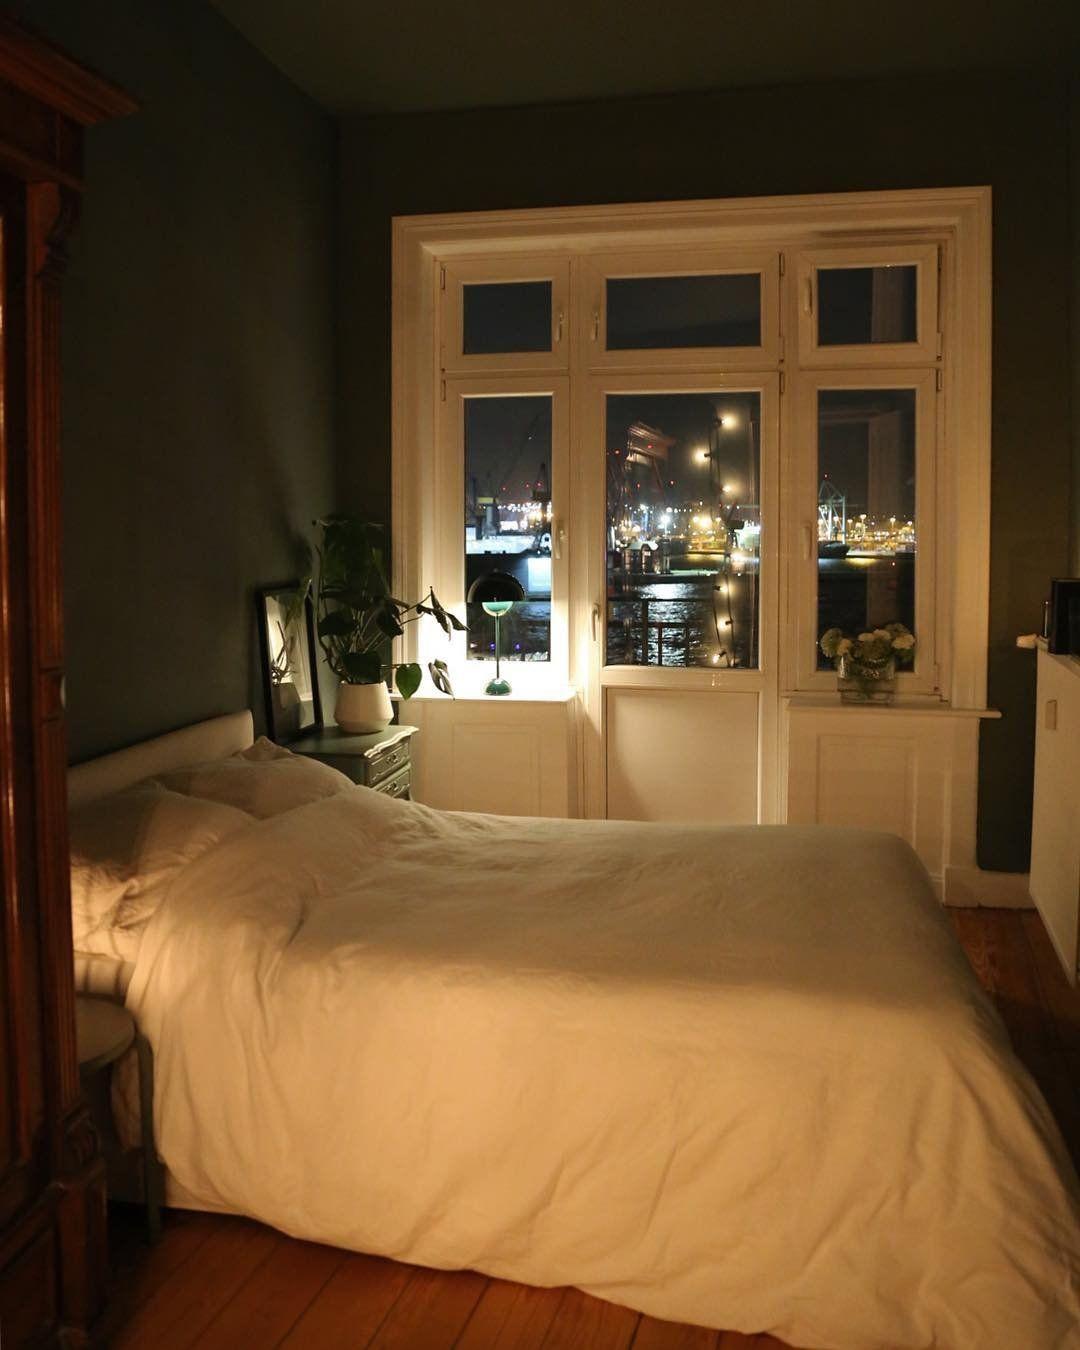 kleine schlafzimmer einrichten gestalten seite 2. Black Bedroom Furniture Sets. Home Design Ideas